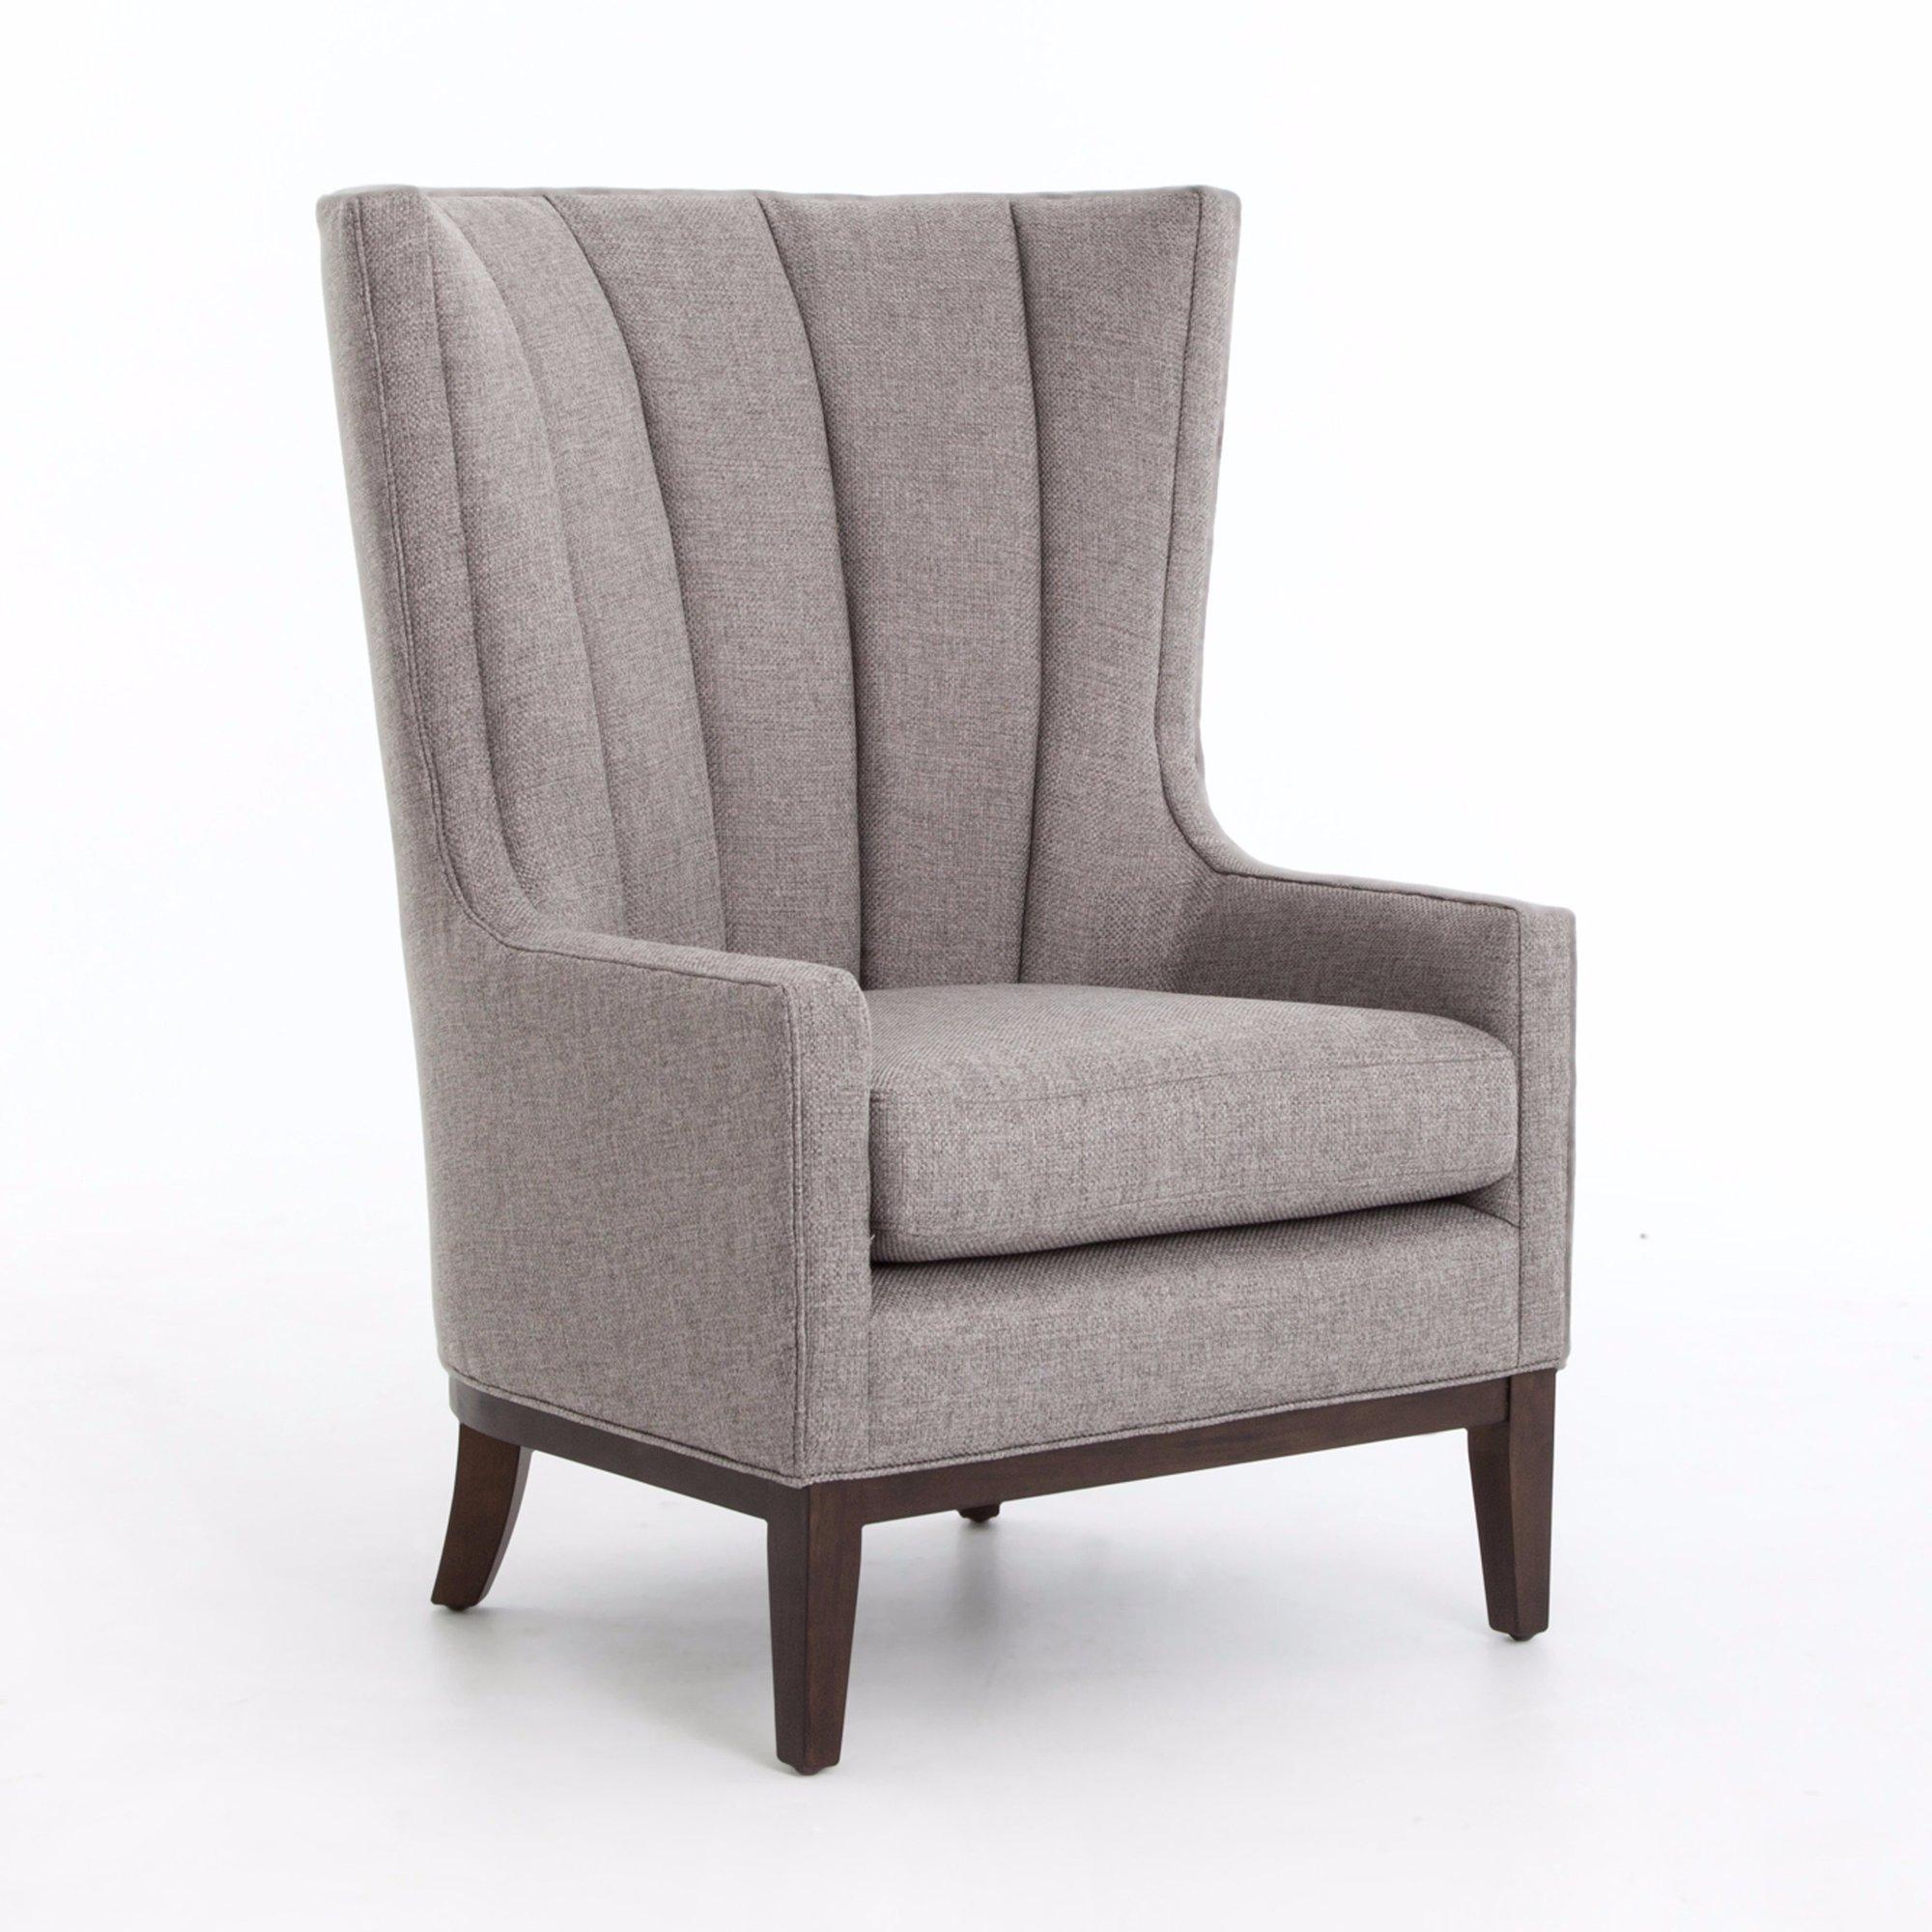 gri kanatlı sandalye